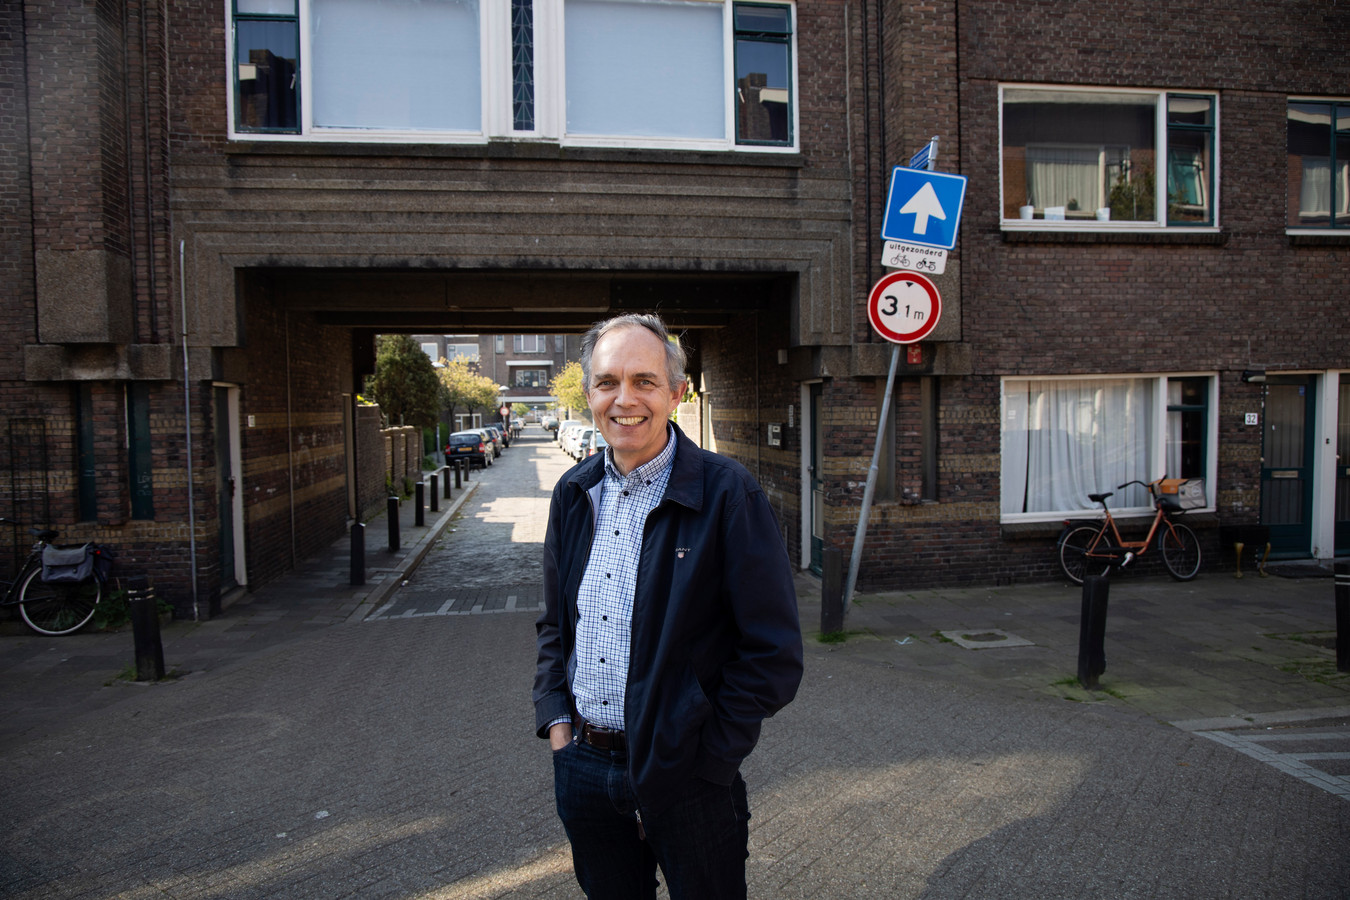 """Paulus Jansen bij een karakteristiek sociaal huurcomplex in de Utrechtse wijk Lombok. """"Het is allemaal uitgekomen wat ik bijna tien jaar geleden voorspelde."""""""